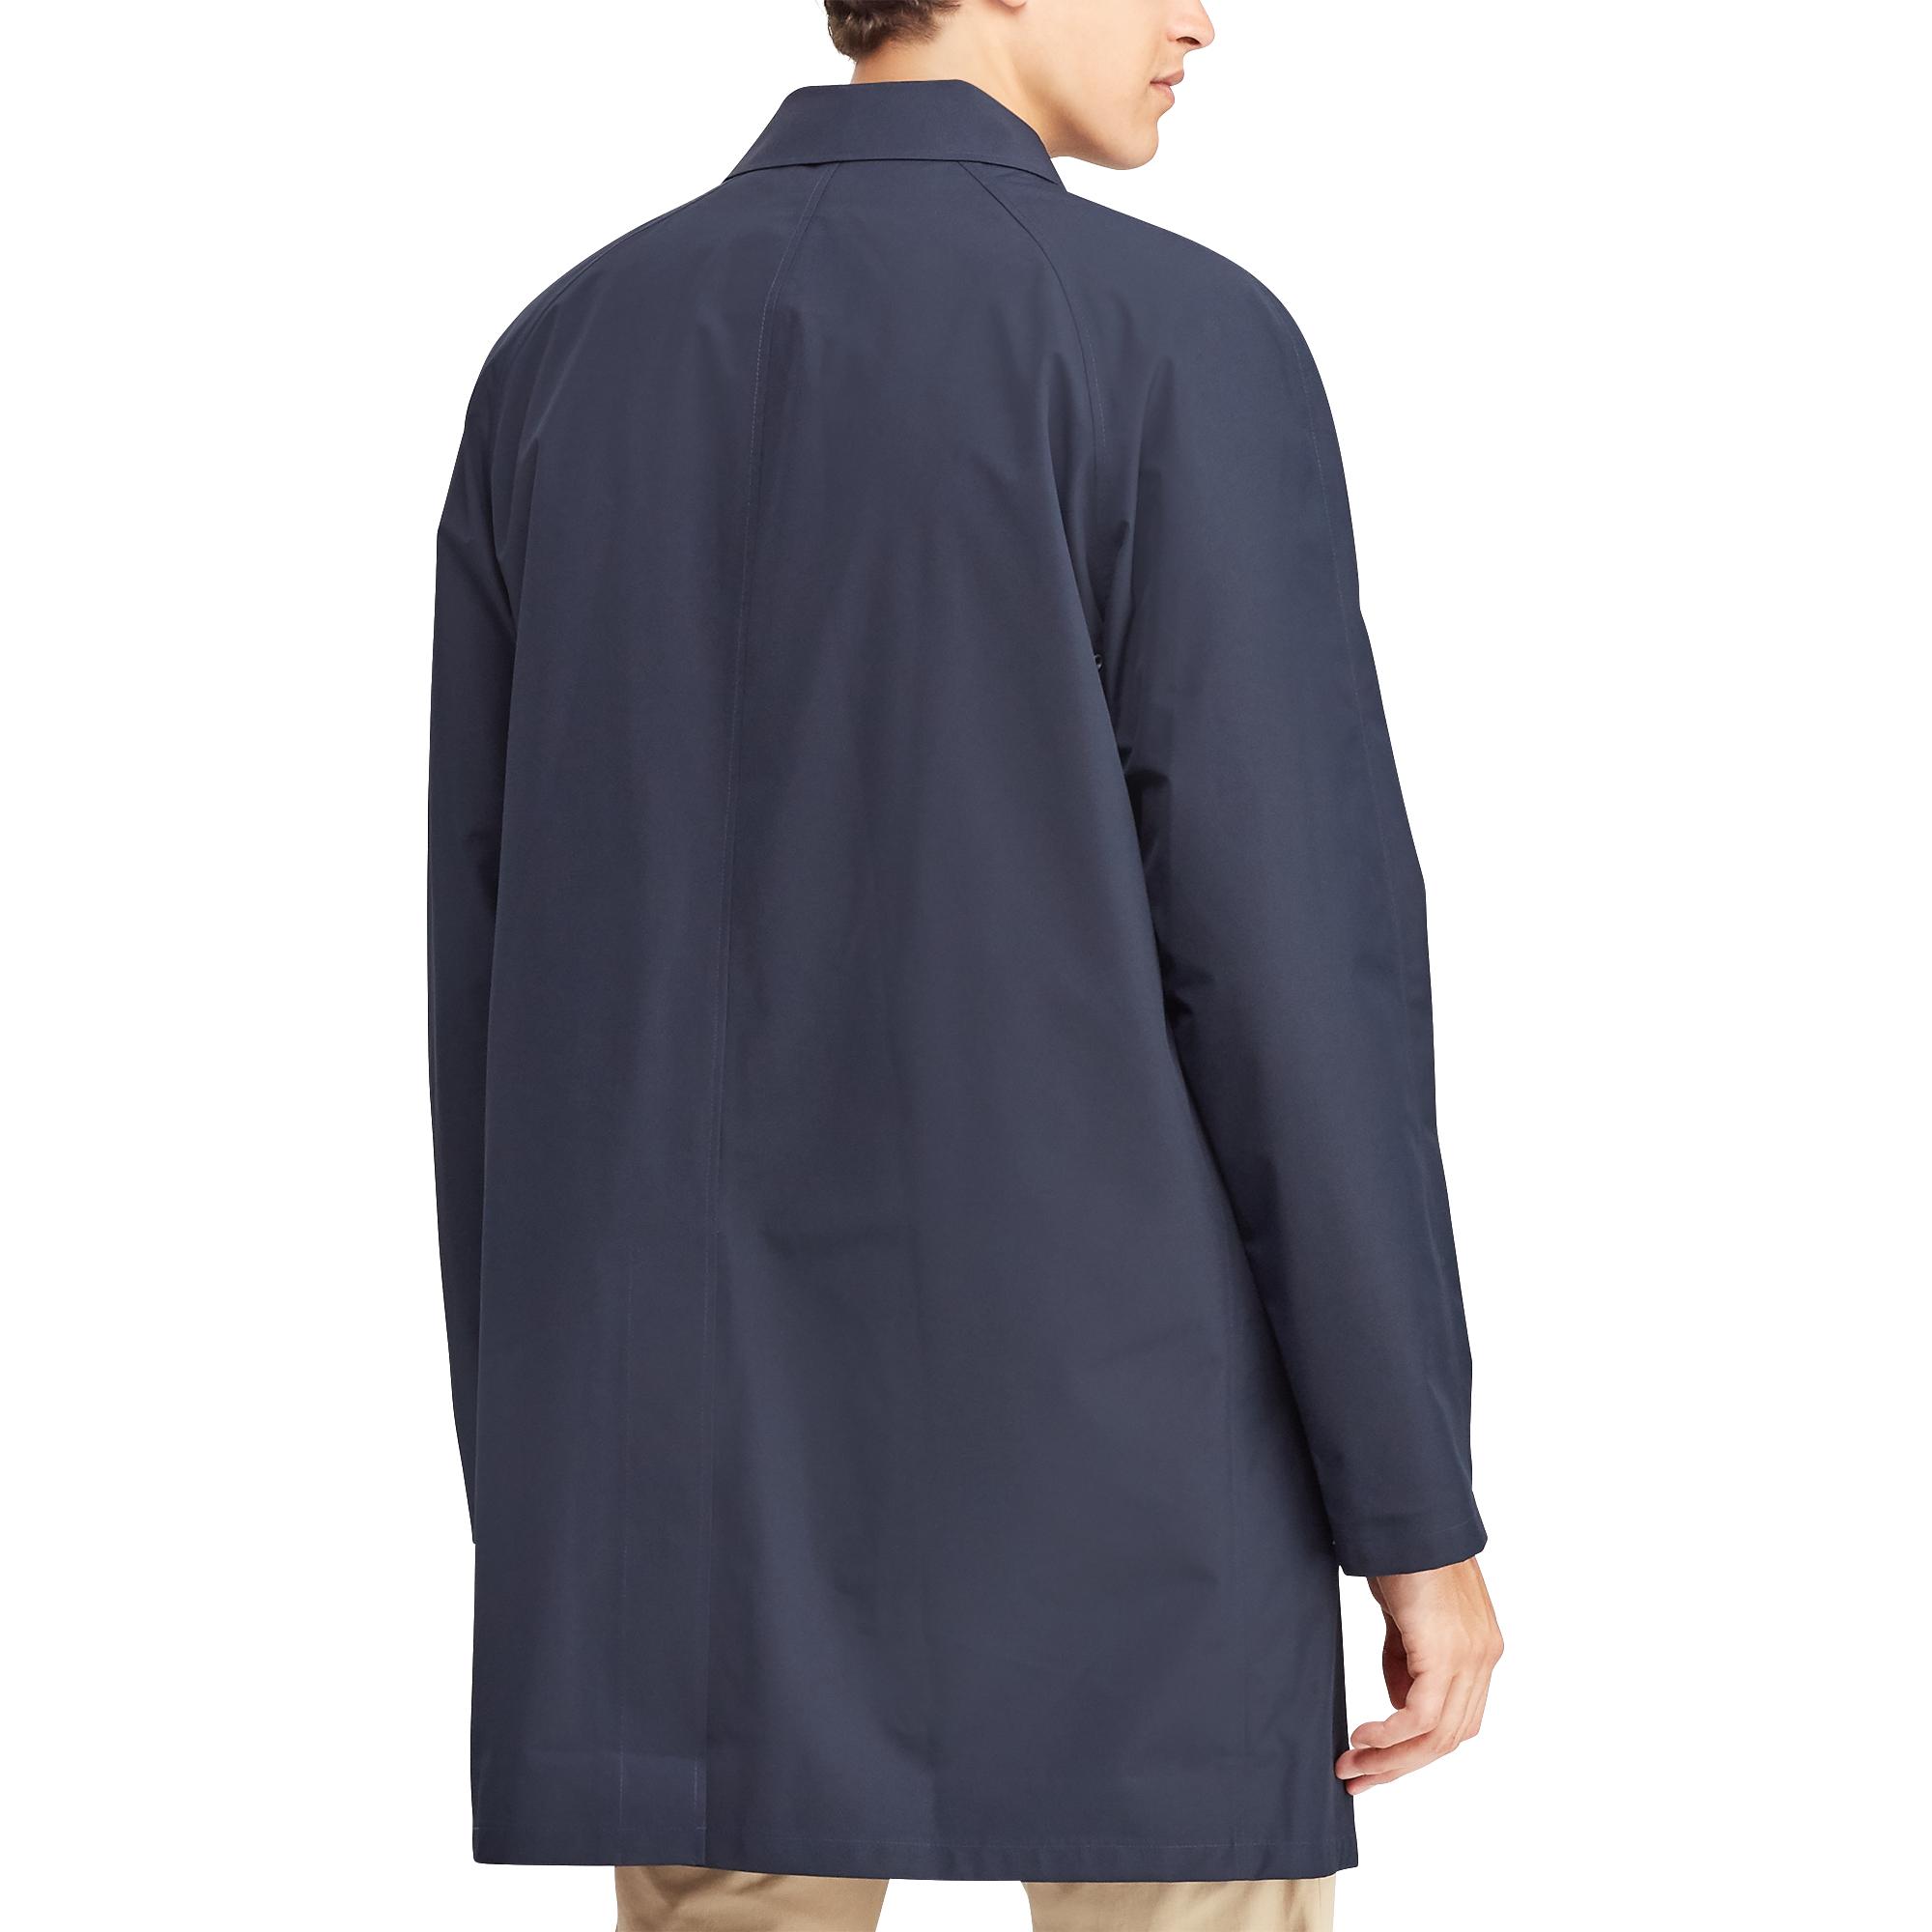 7dda5b7bc Water-Resistant Walking Coat